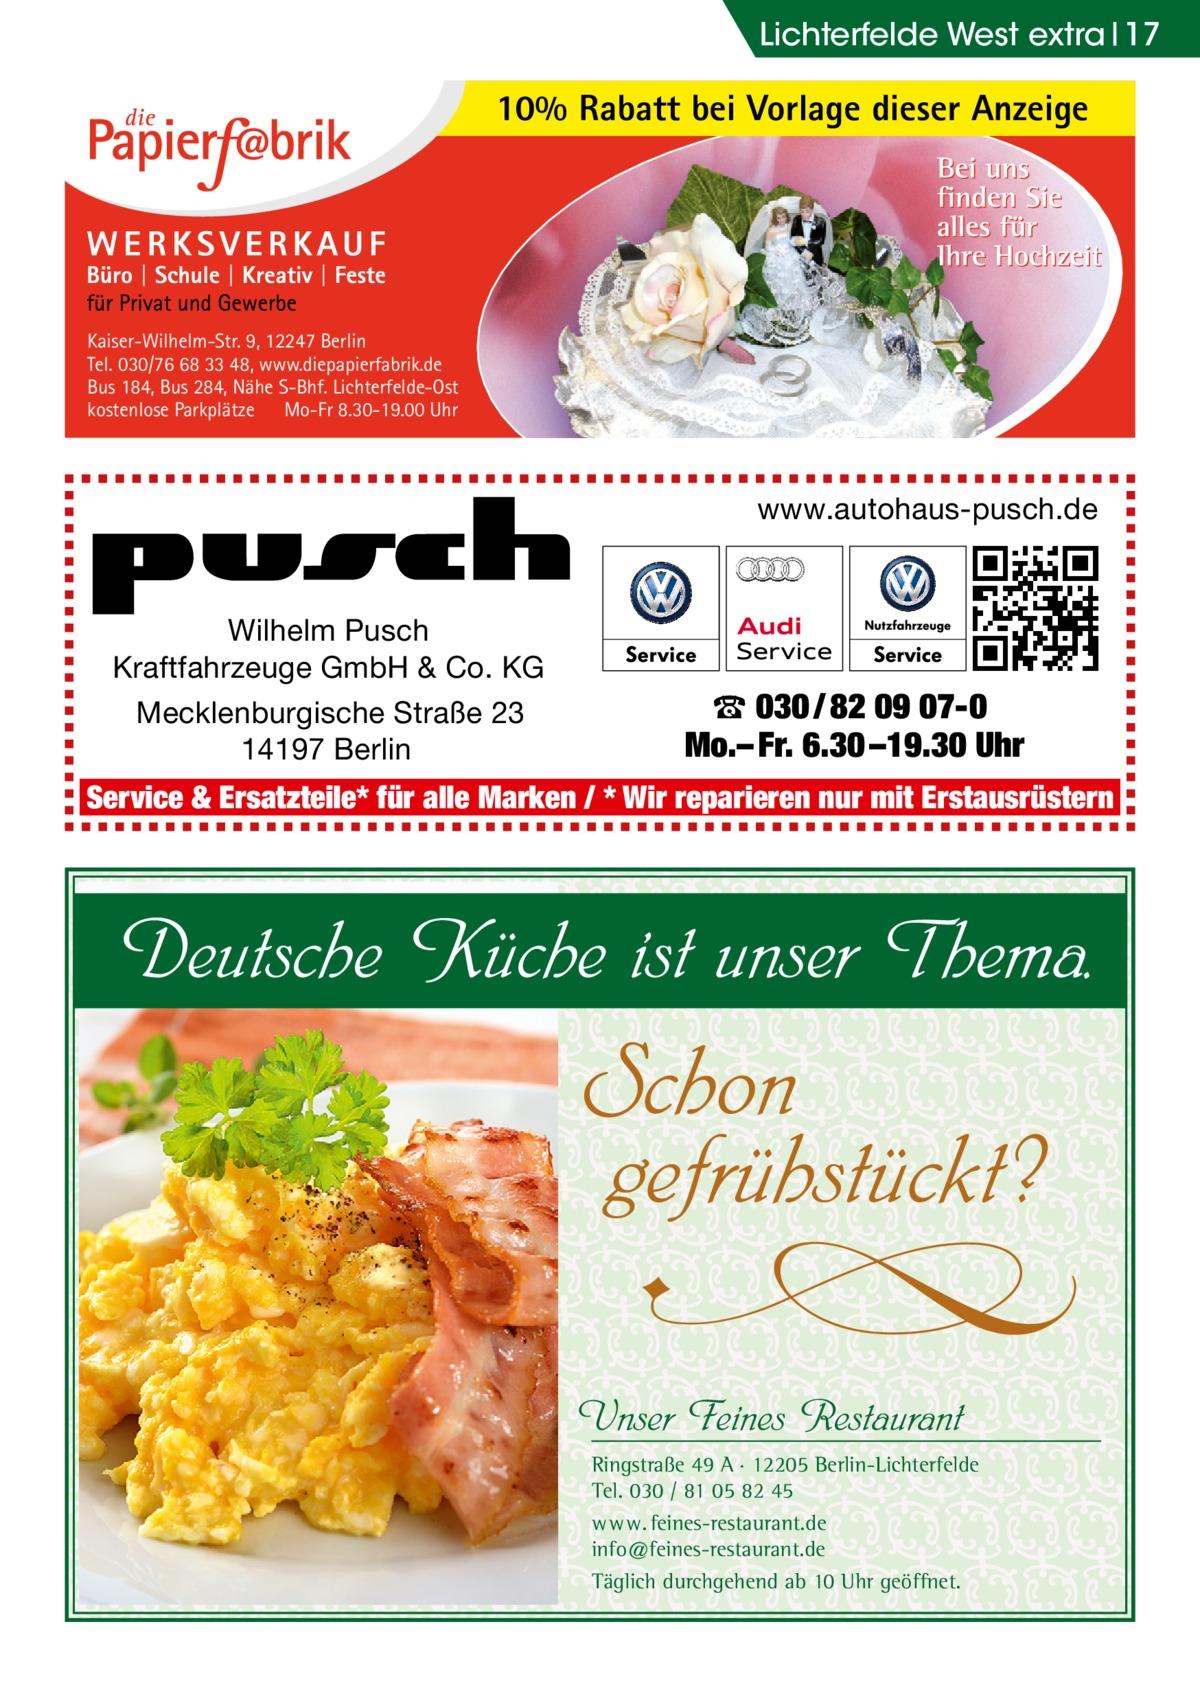 Lichterfelde West extra 17  10% Rabatt bei Vorlage dieser Anzeige  Kaiser-Wilhelm-Str. 9, 12247 Berlin Tel. 030/76 68 33 48, www.diepapierfabrik.de Bus 184, Bus 284, Nähe S-Bhf. Lichterfelde-Ost kostenlose Parkplätze Mo-Fr 8.30-19.00 Uhr  www.autohaus-pusch.de  Wilhelm Pusch Kraftfahrzeuge GmbH & Co. KG Mecklenburgische Straße 23 14197 Berlin  ☎ 030 / 82 09 07-0 Mo.– Fr. 6.30 –19.30 Uhr  Service & Ersatzteile* für alle Marken / * Wir reparieren nur mit Erstausrüstern  Deutsche Küche ist unser Thema.  Schon gefrühstückt?  U  Unser Feines Restaurant  Ringstraße 49 A · 12205 Berlin-Lichterfelde Tel. 030 / 81 05 82 45 w w w. feines-restaurant.de info@feines-restaurant.de Täglich durchgehend ab 10 Uhr geöffnet.